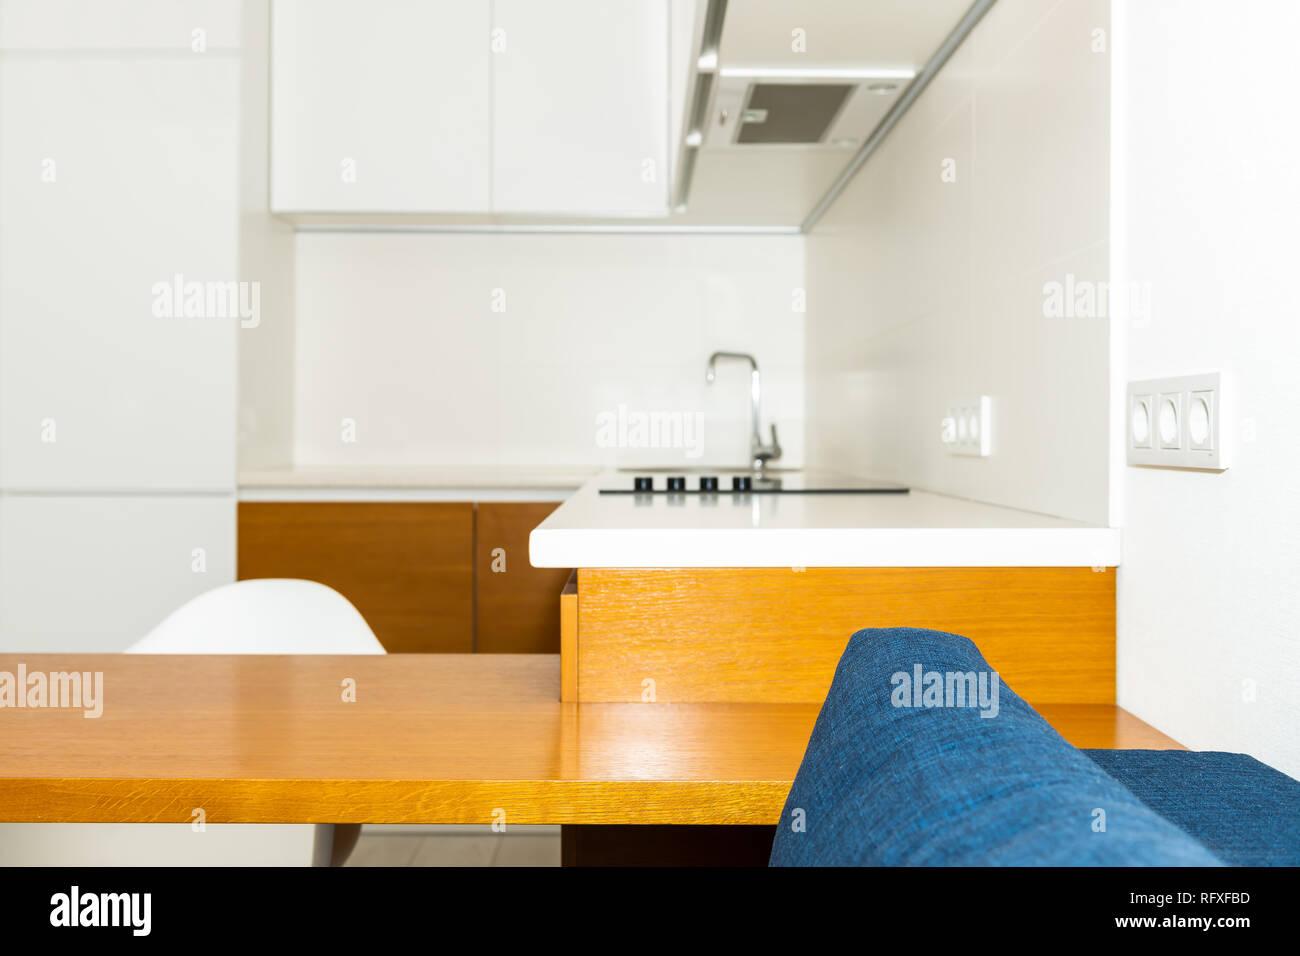 Mobili Da Cucina Arancione.Moderne In Legno Marrone Arancione Mobili Da Cucina Nel